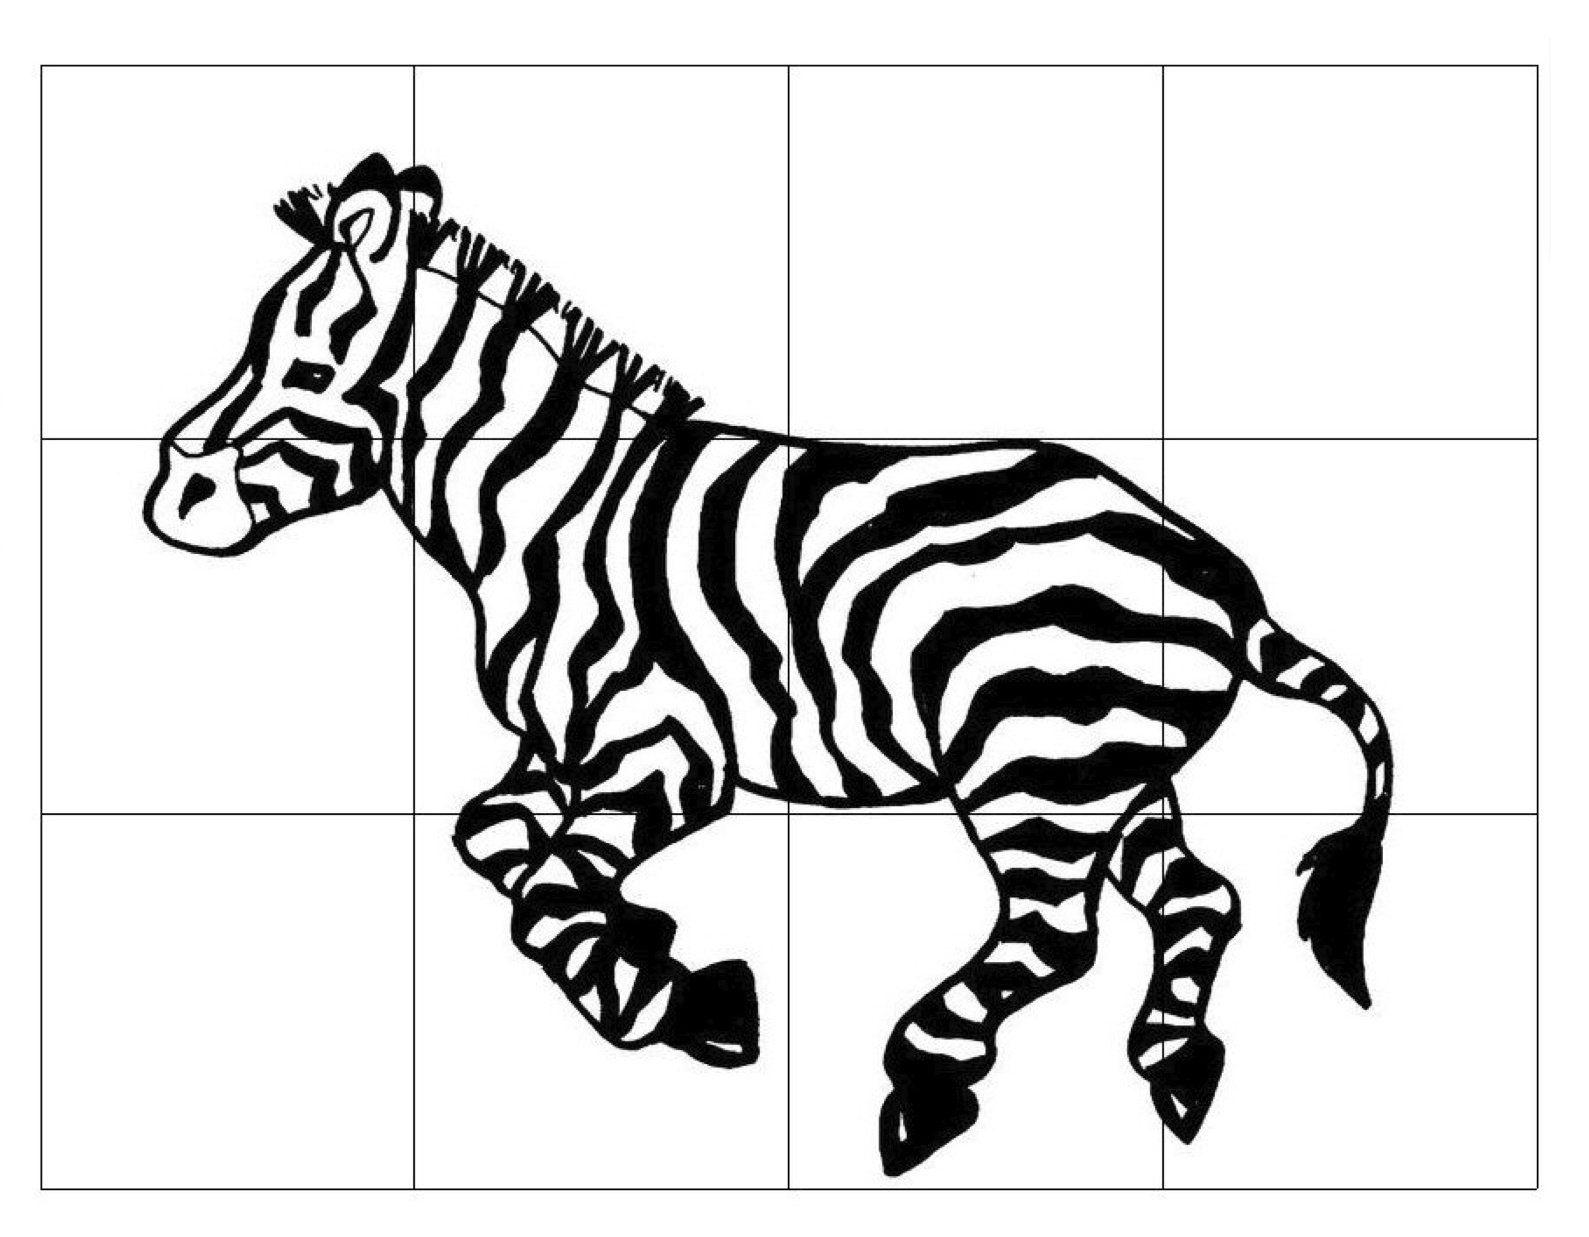 Zebra Puzzle For Kids Dierentuin Dierentuindieren De Dierentuin